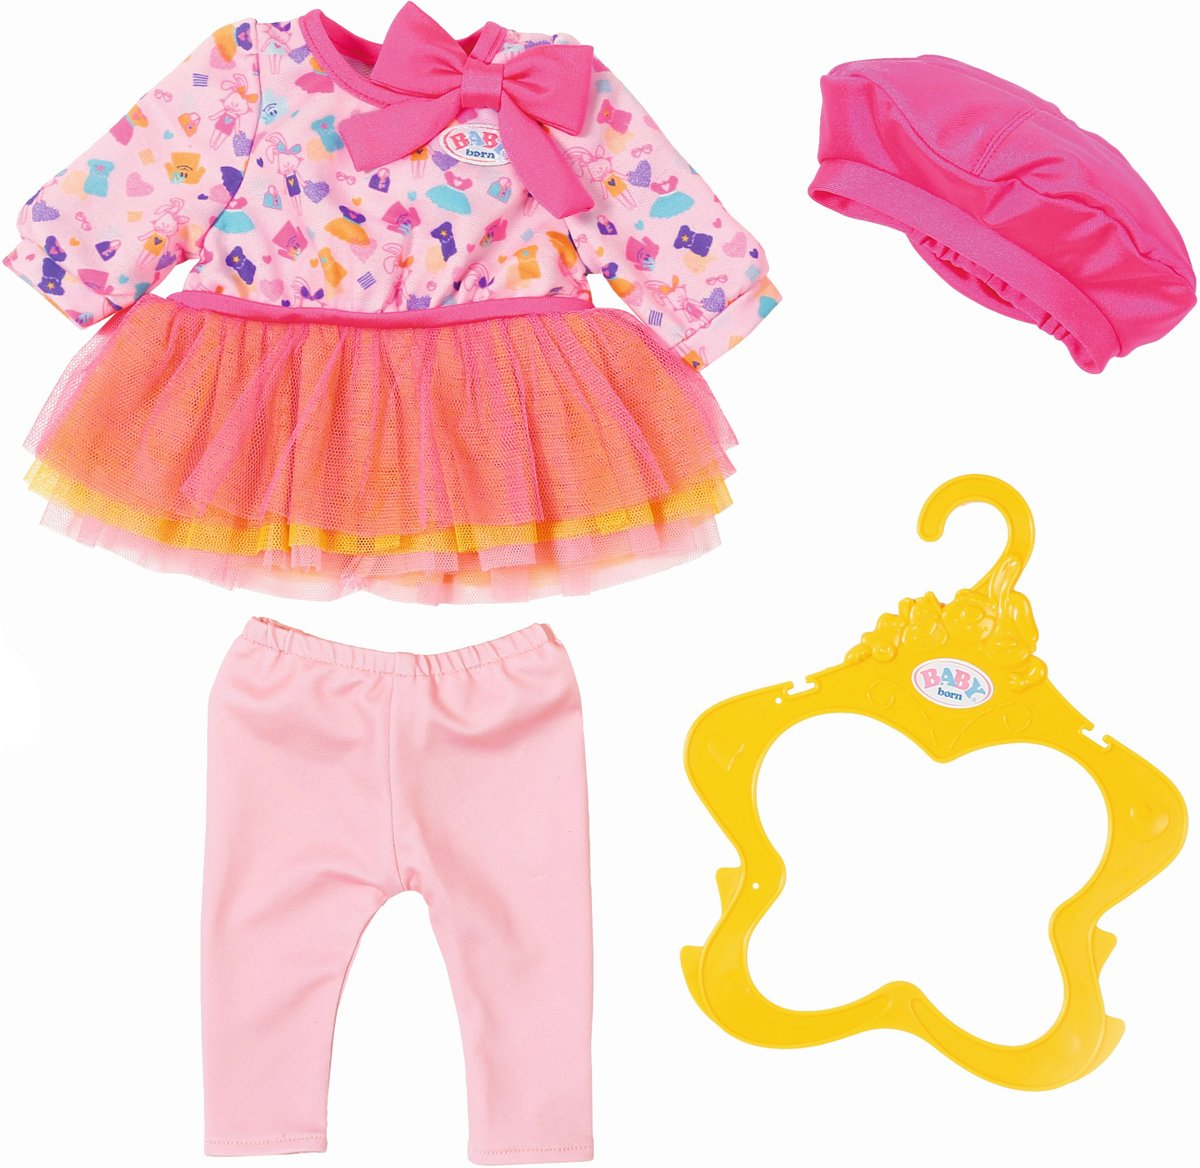 1b2ac0000dd7e5 Roze jurkje met kant voor een babypop zoals Baby born ...